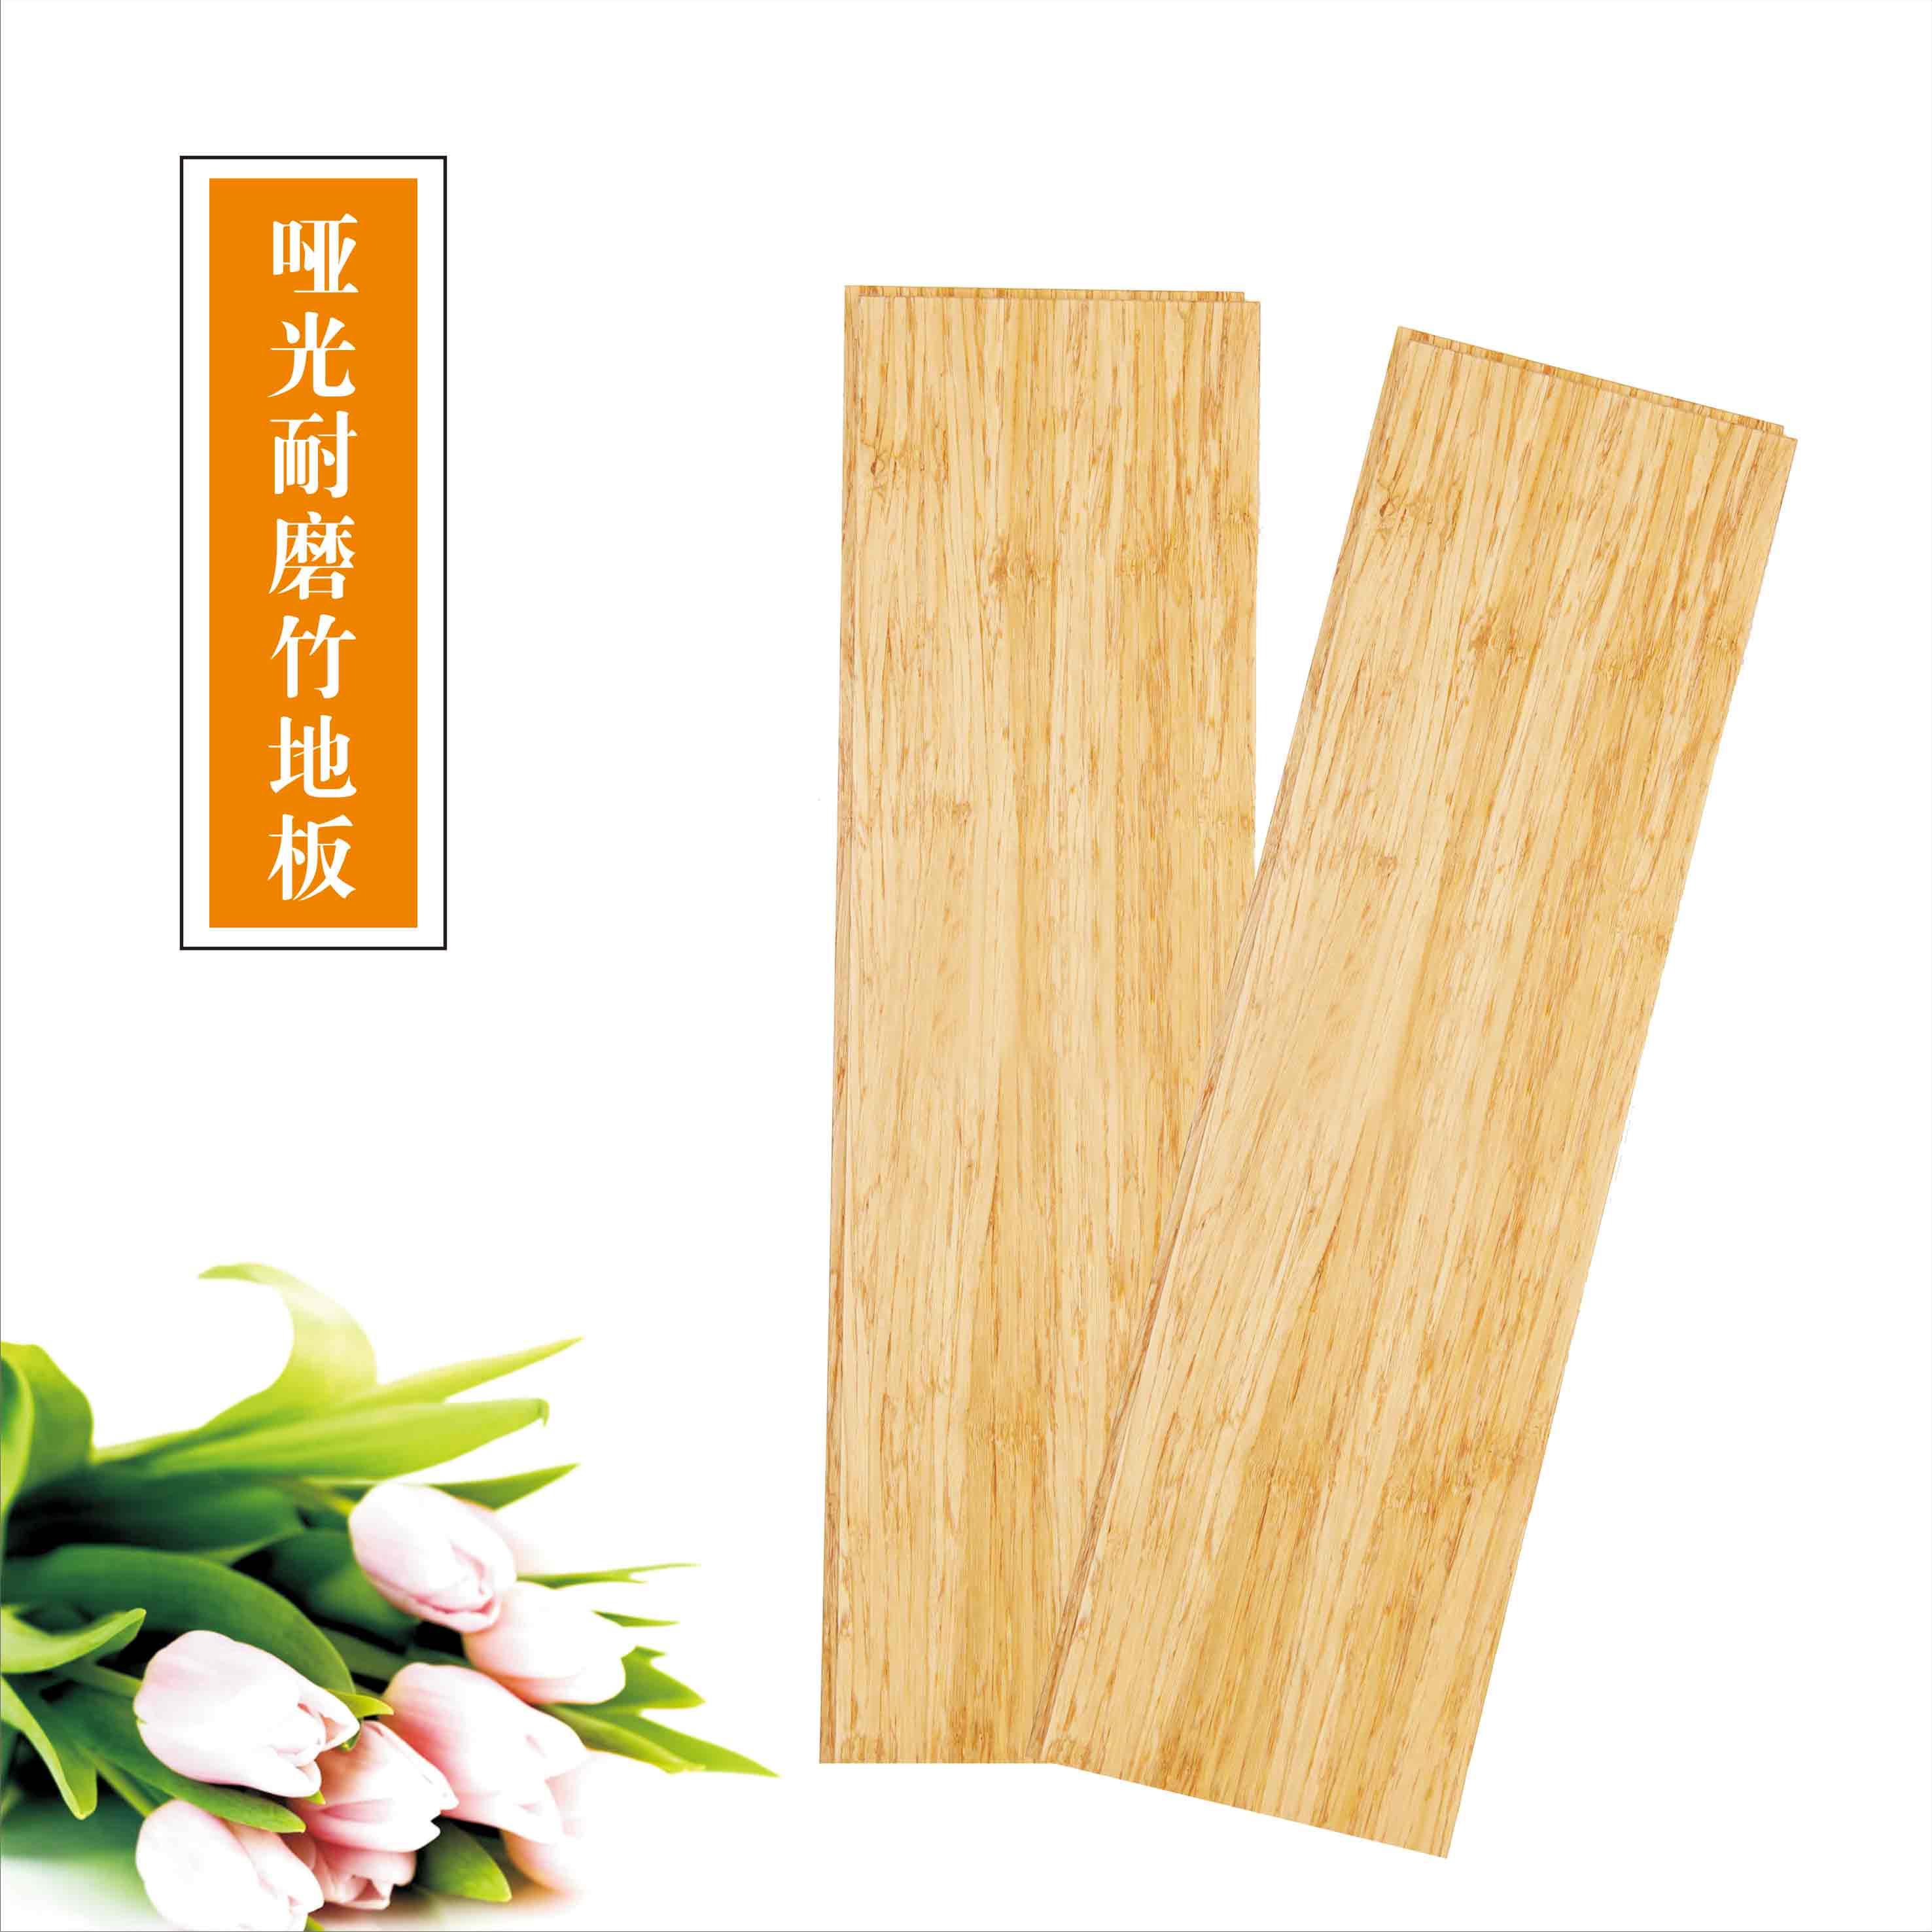 竹制 地板 啞光 耐磨 竹地板 無醛添加地板